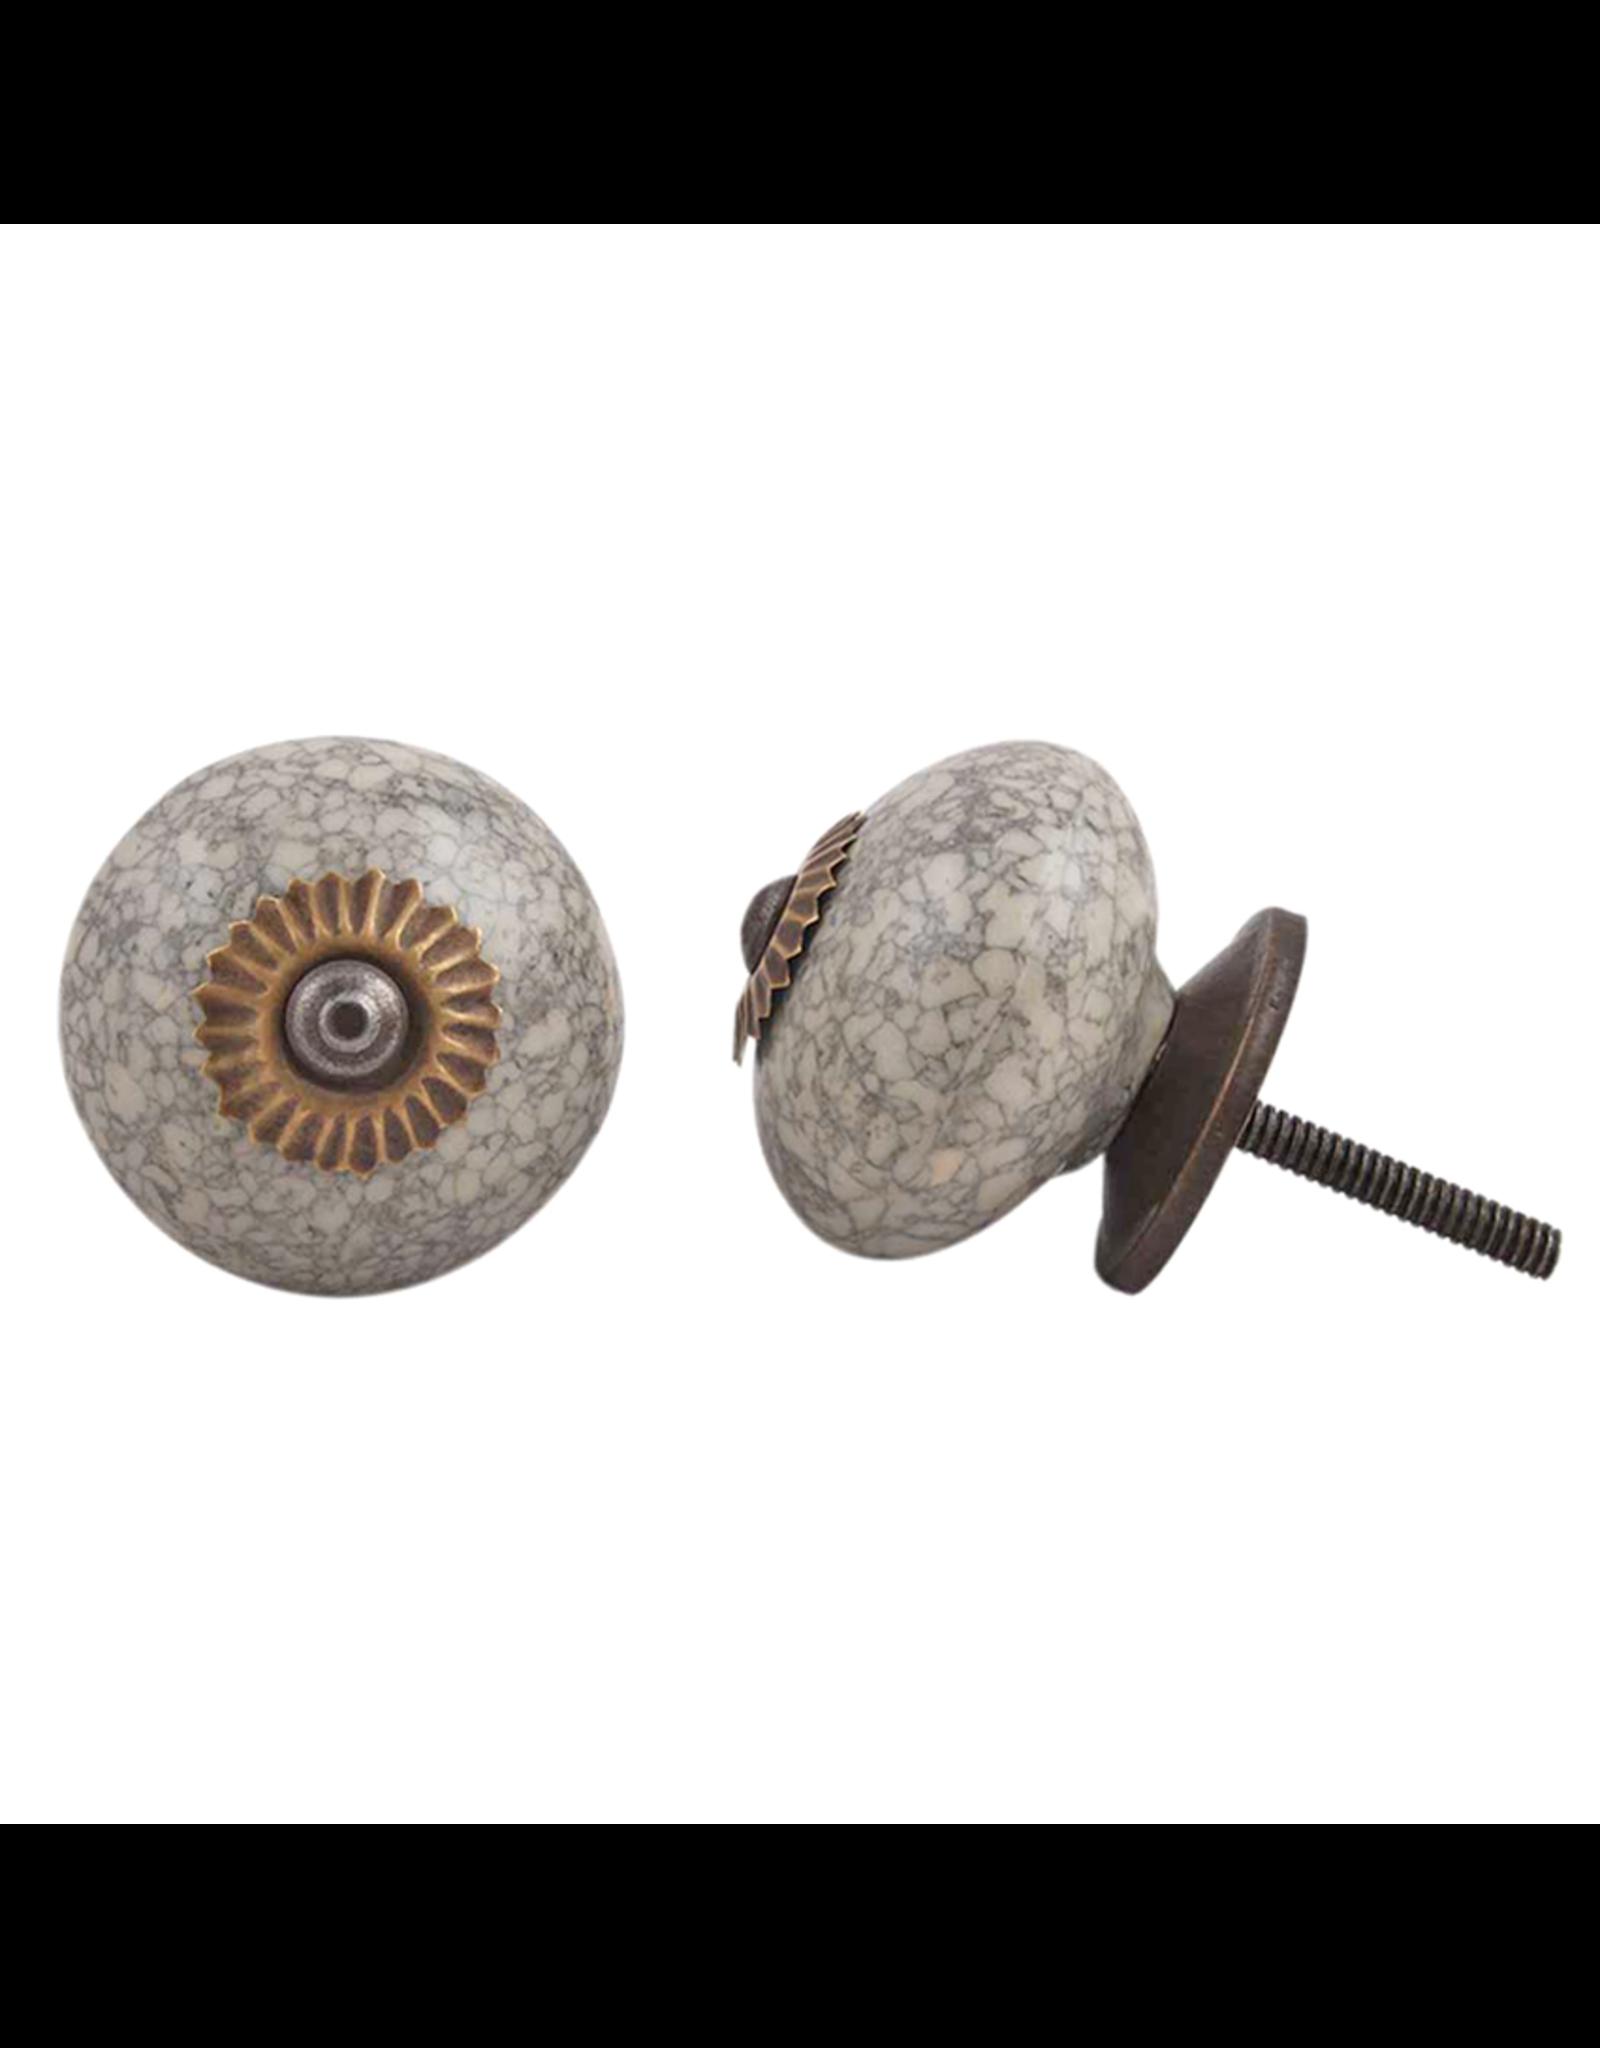 Round Ceramic Knob – Grey & Cream Marble